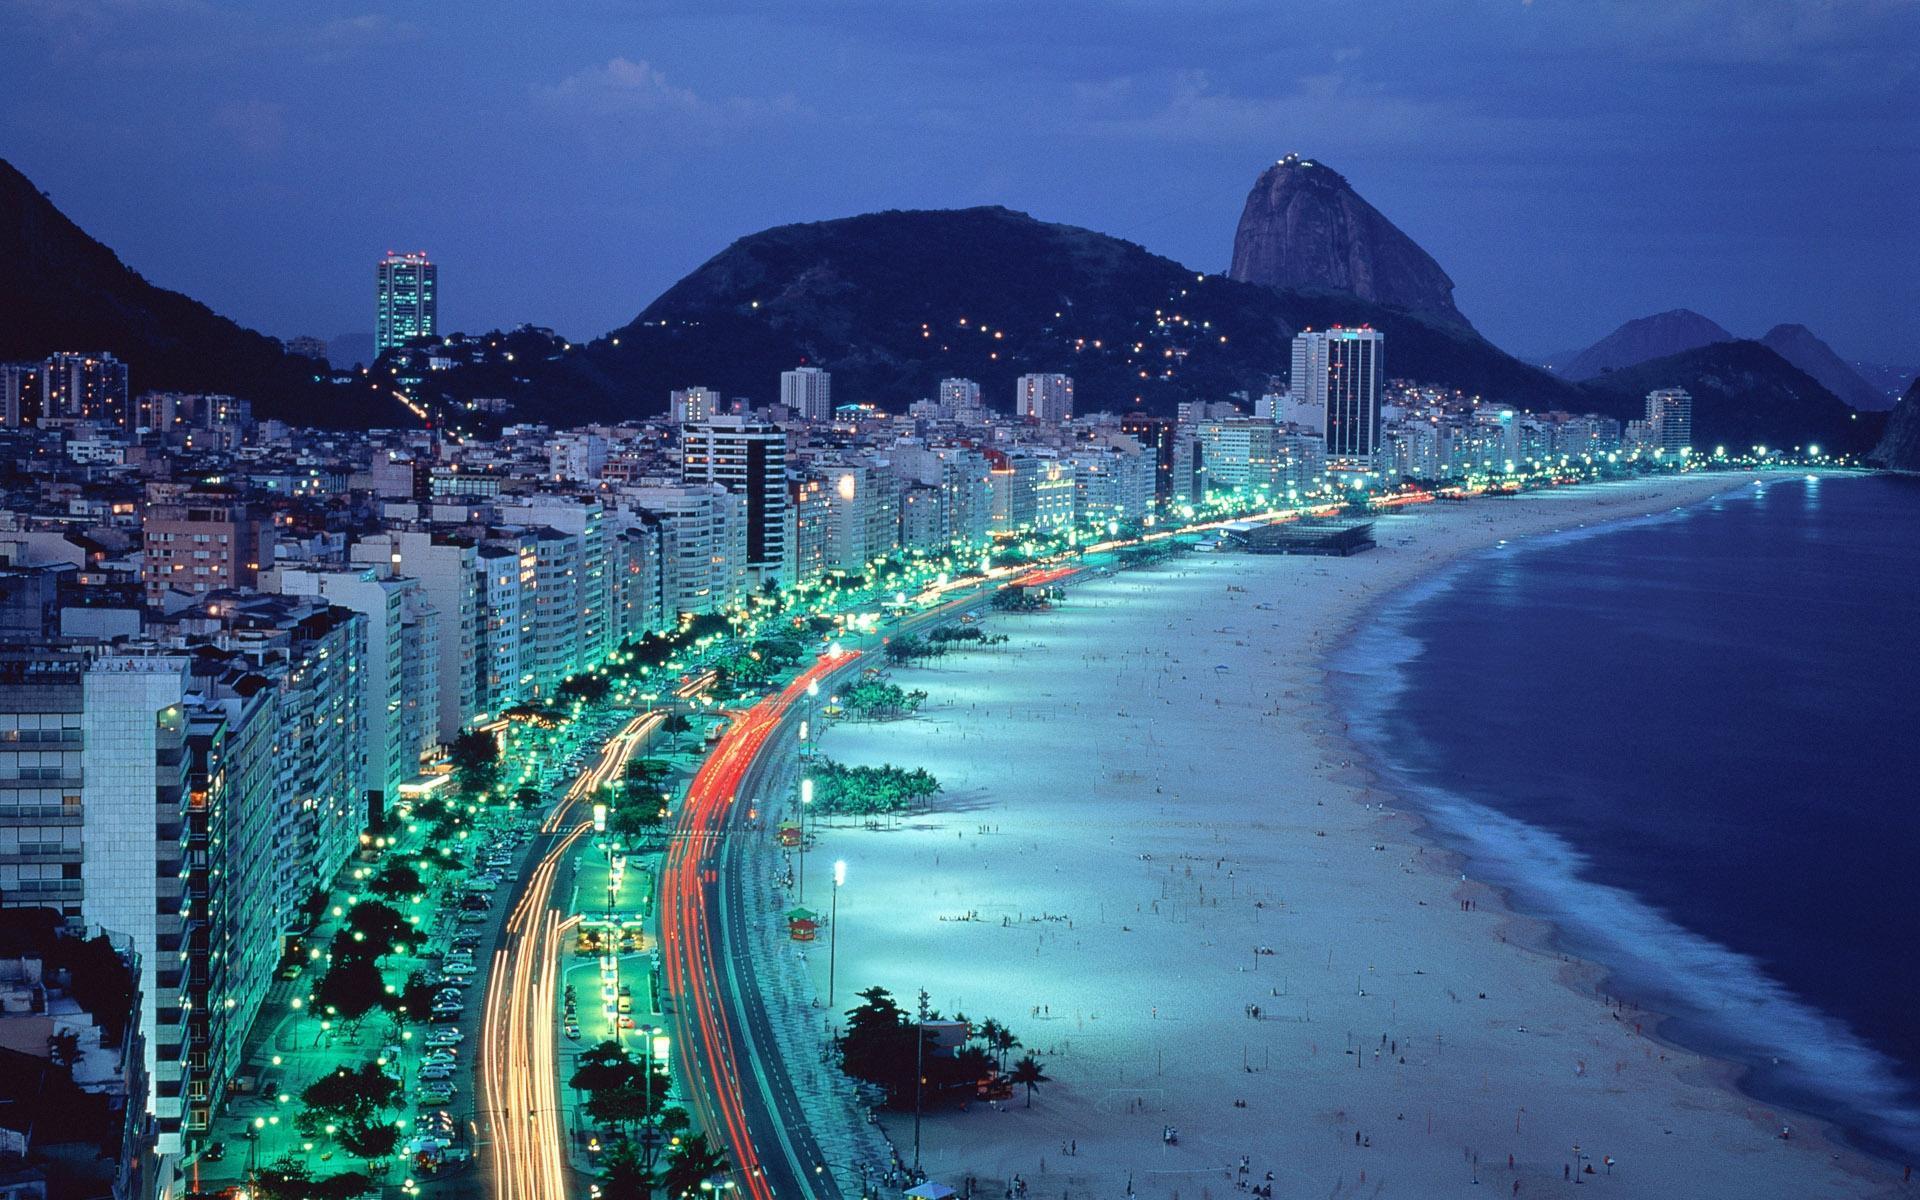 Android 用の ブラジルの壁紙 Apk をダウンロード